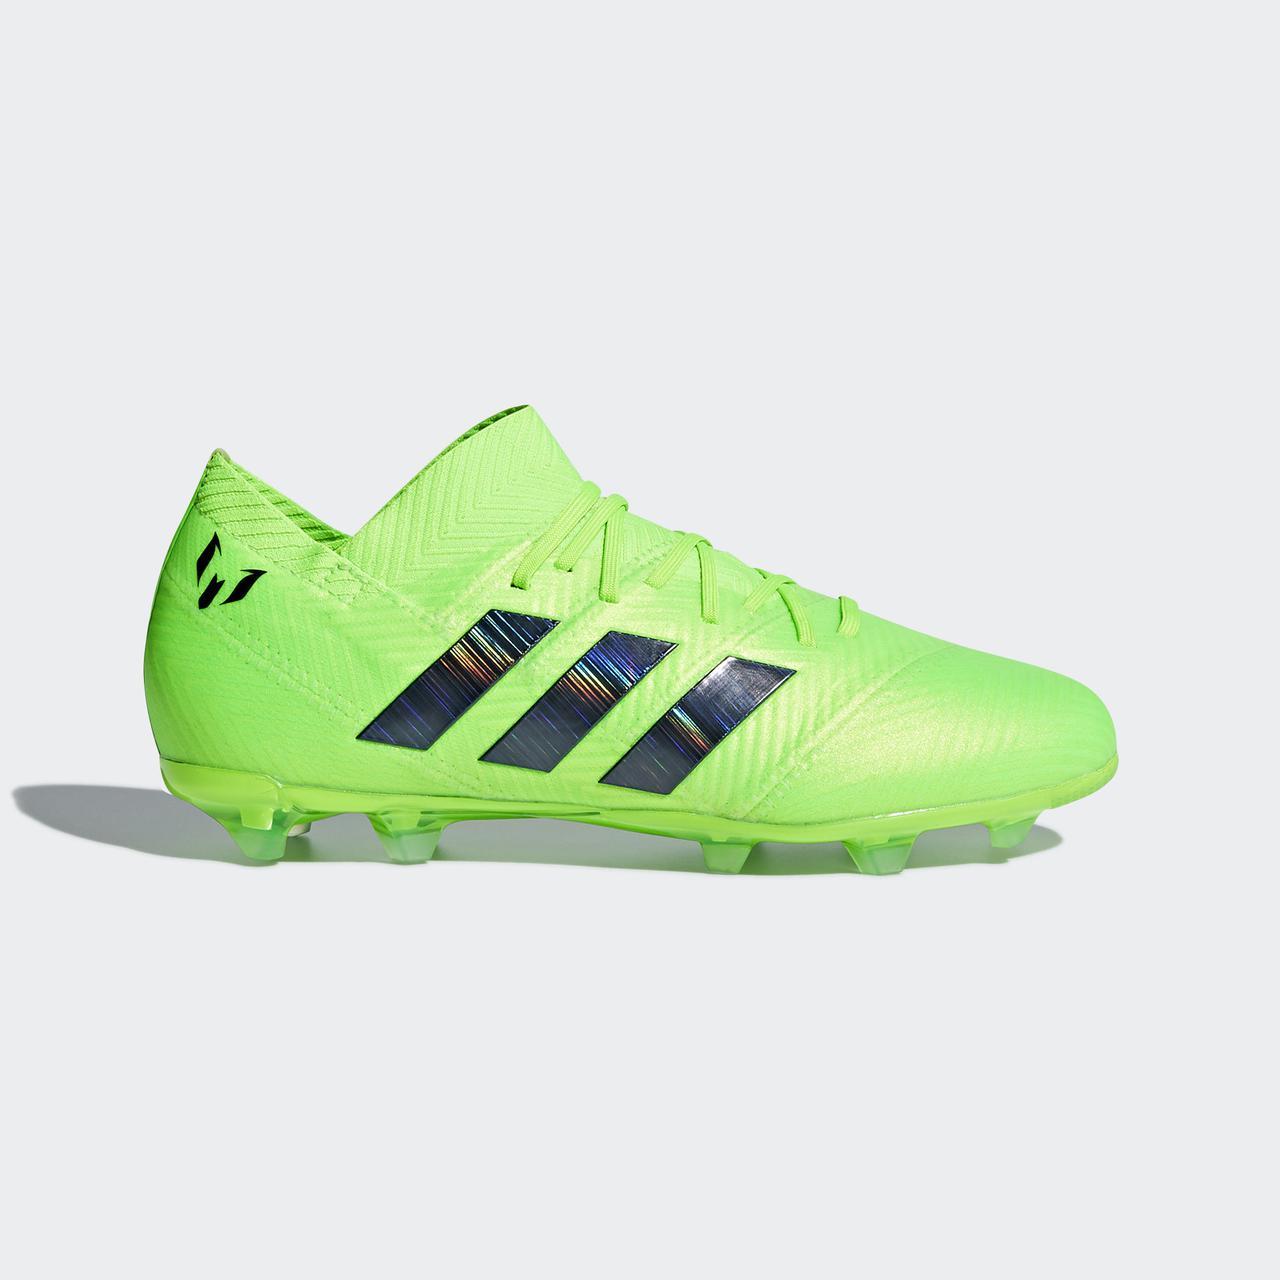 845f5f05 Детские футбольные бутсы Adidas Performance Nemeziz Messi 18.1 FG (Артикул:  DB2361)